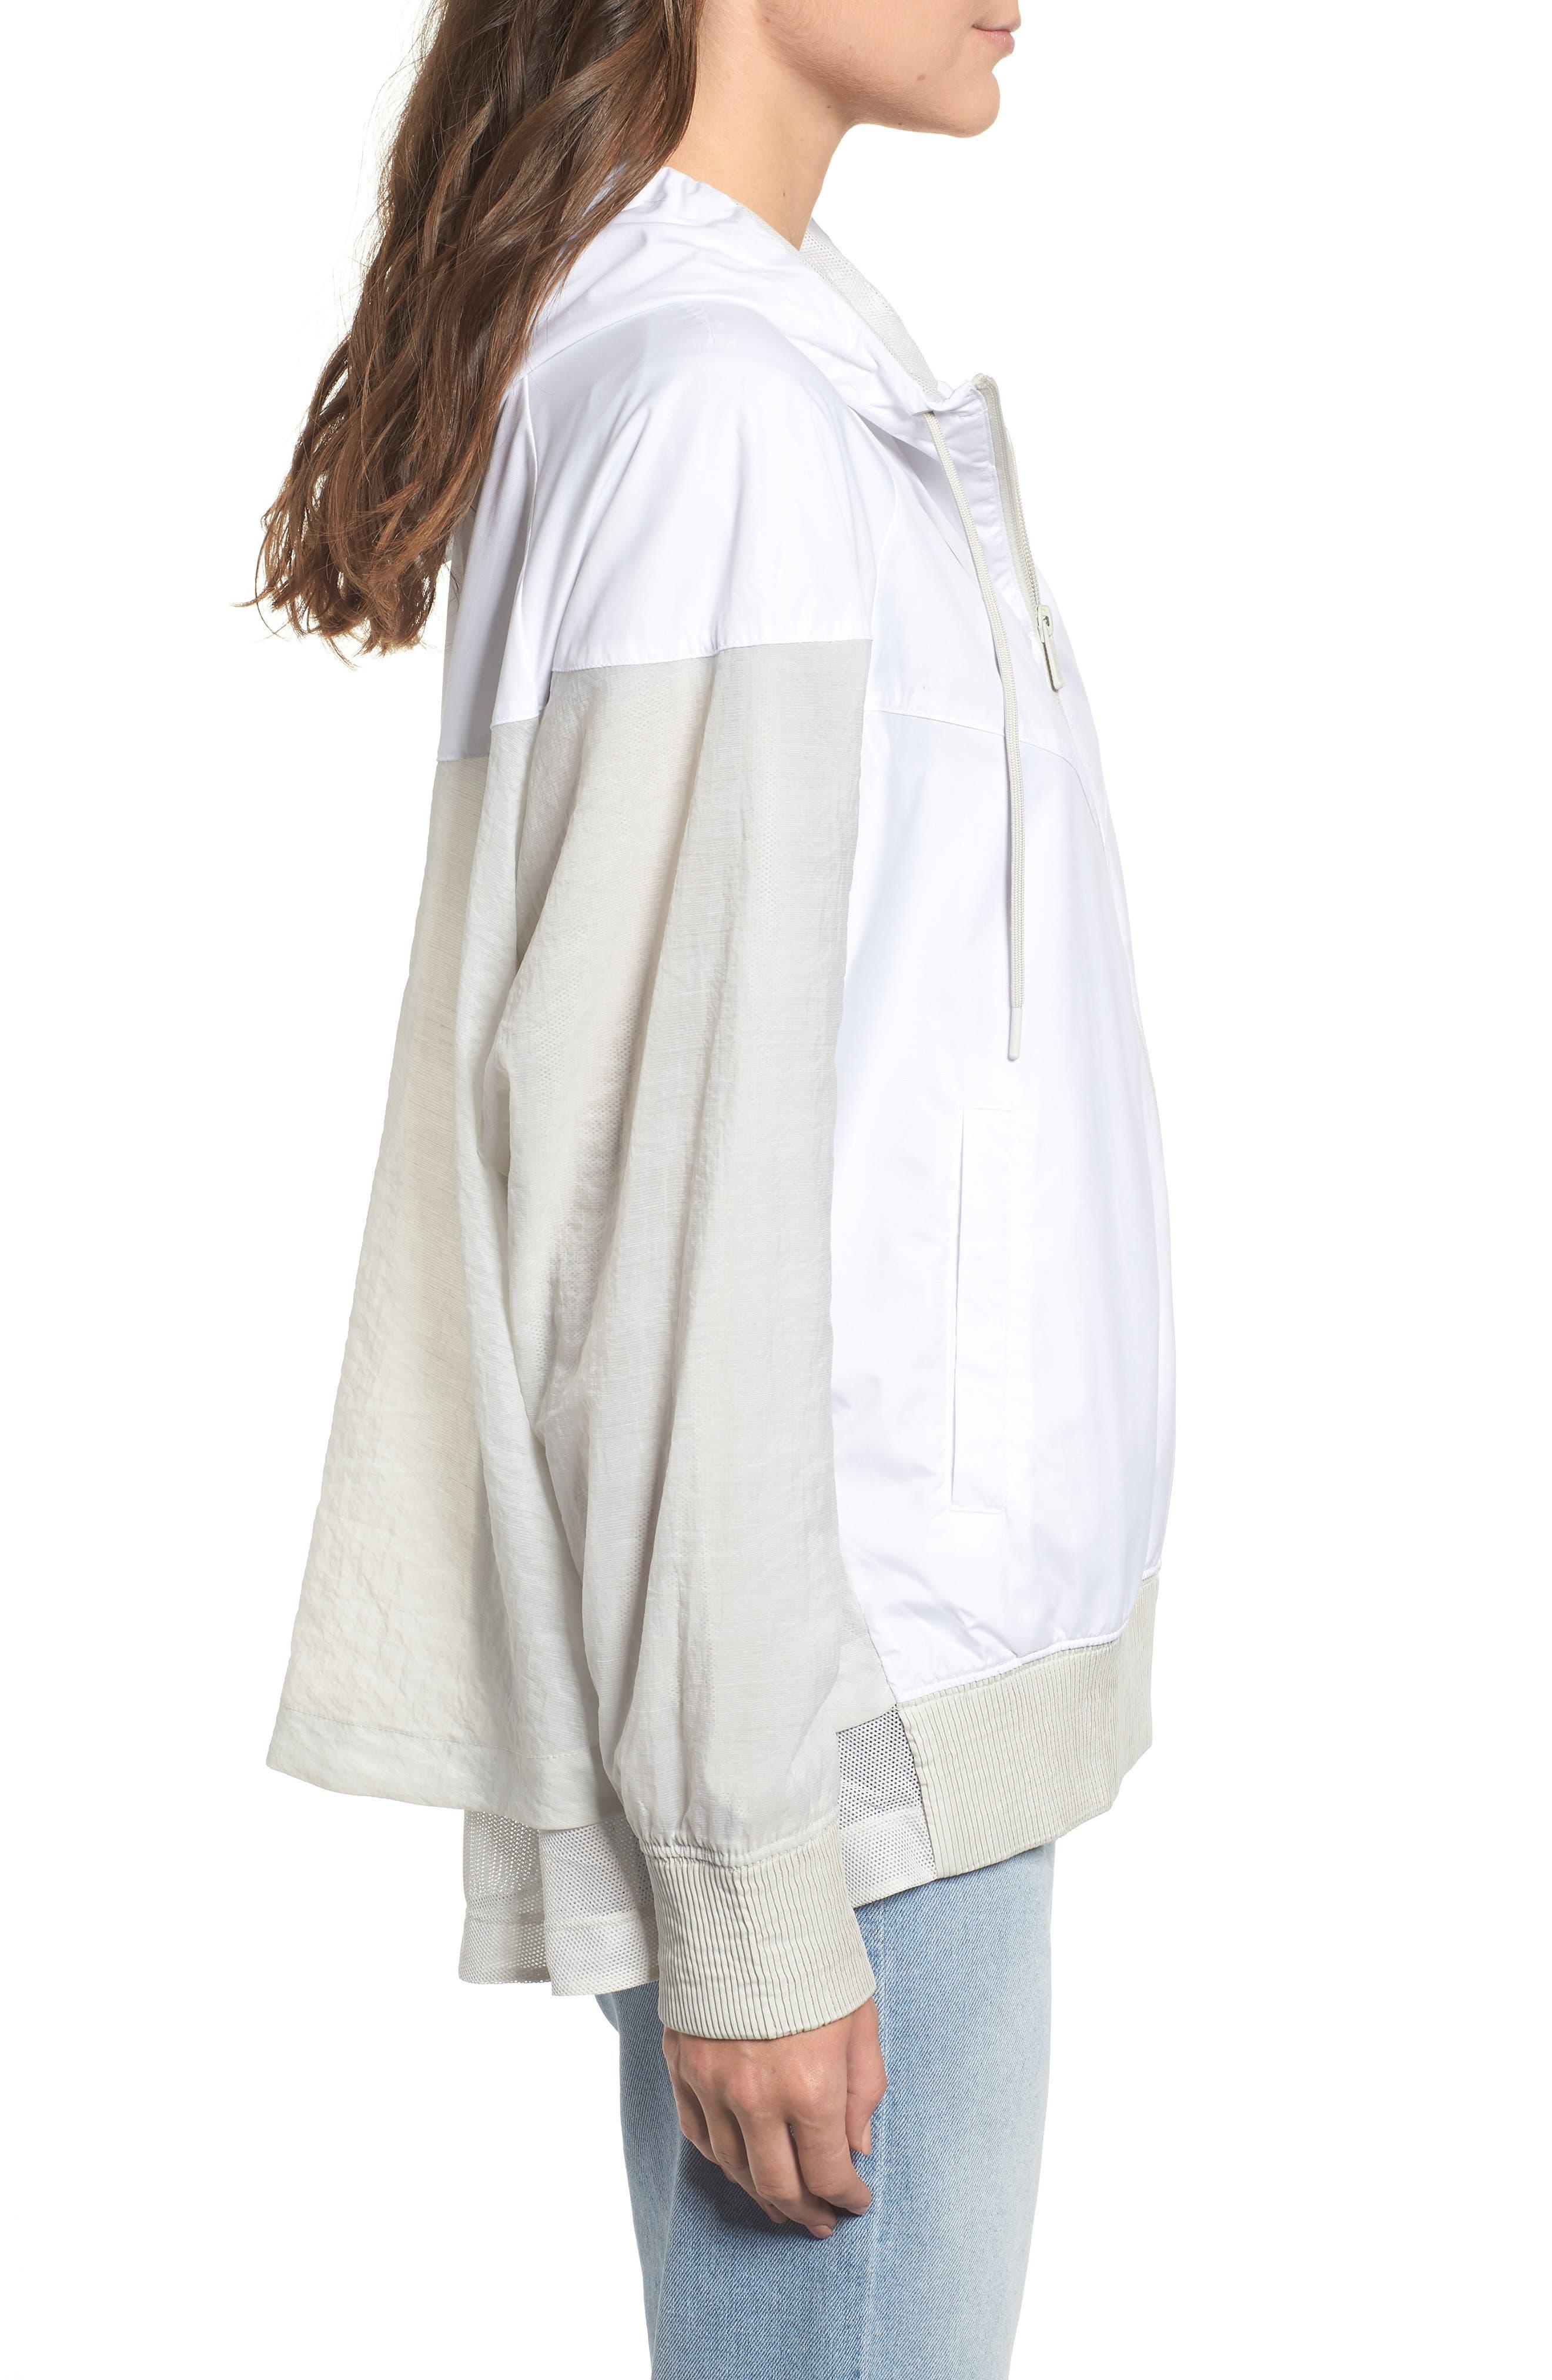 Sportswear Women's Windrunner Water Repellent Jacket,                             Alternate thumbnail 5, color,                             WHITE/ LIGHT BONE/ LIGHT BONE